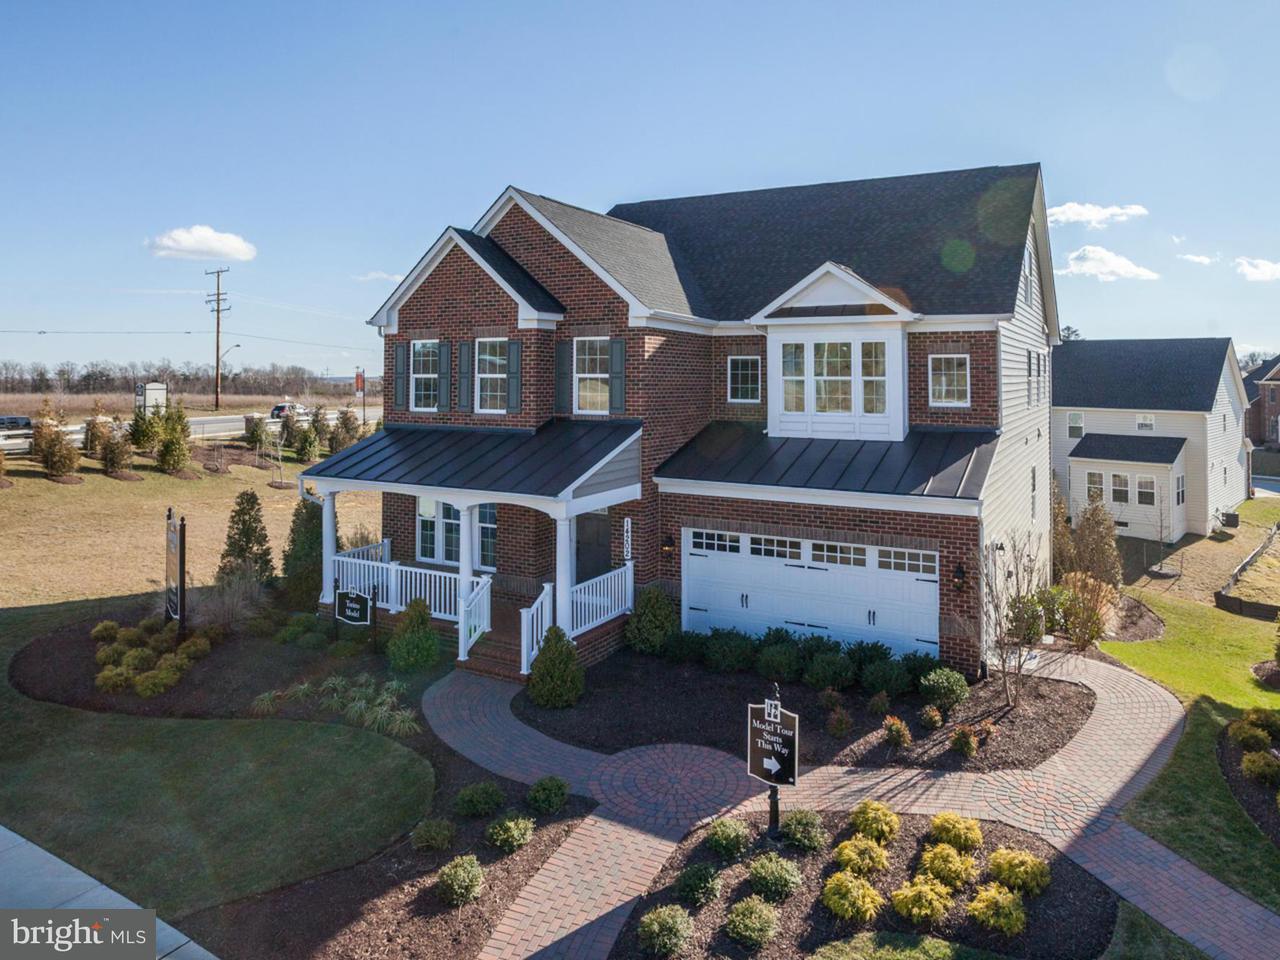 Casa Unifamiliar por un Venta en 14624 BENTLEY PARK Drive 14624 BENTLEY PARK Drive Burtonsville, Maryland 20866 Estados Unidos